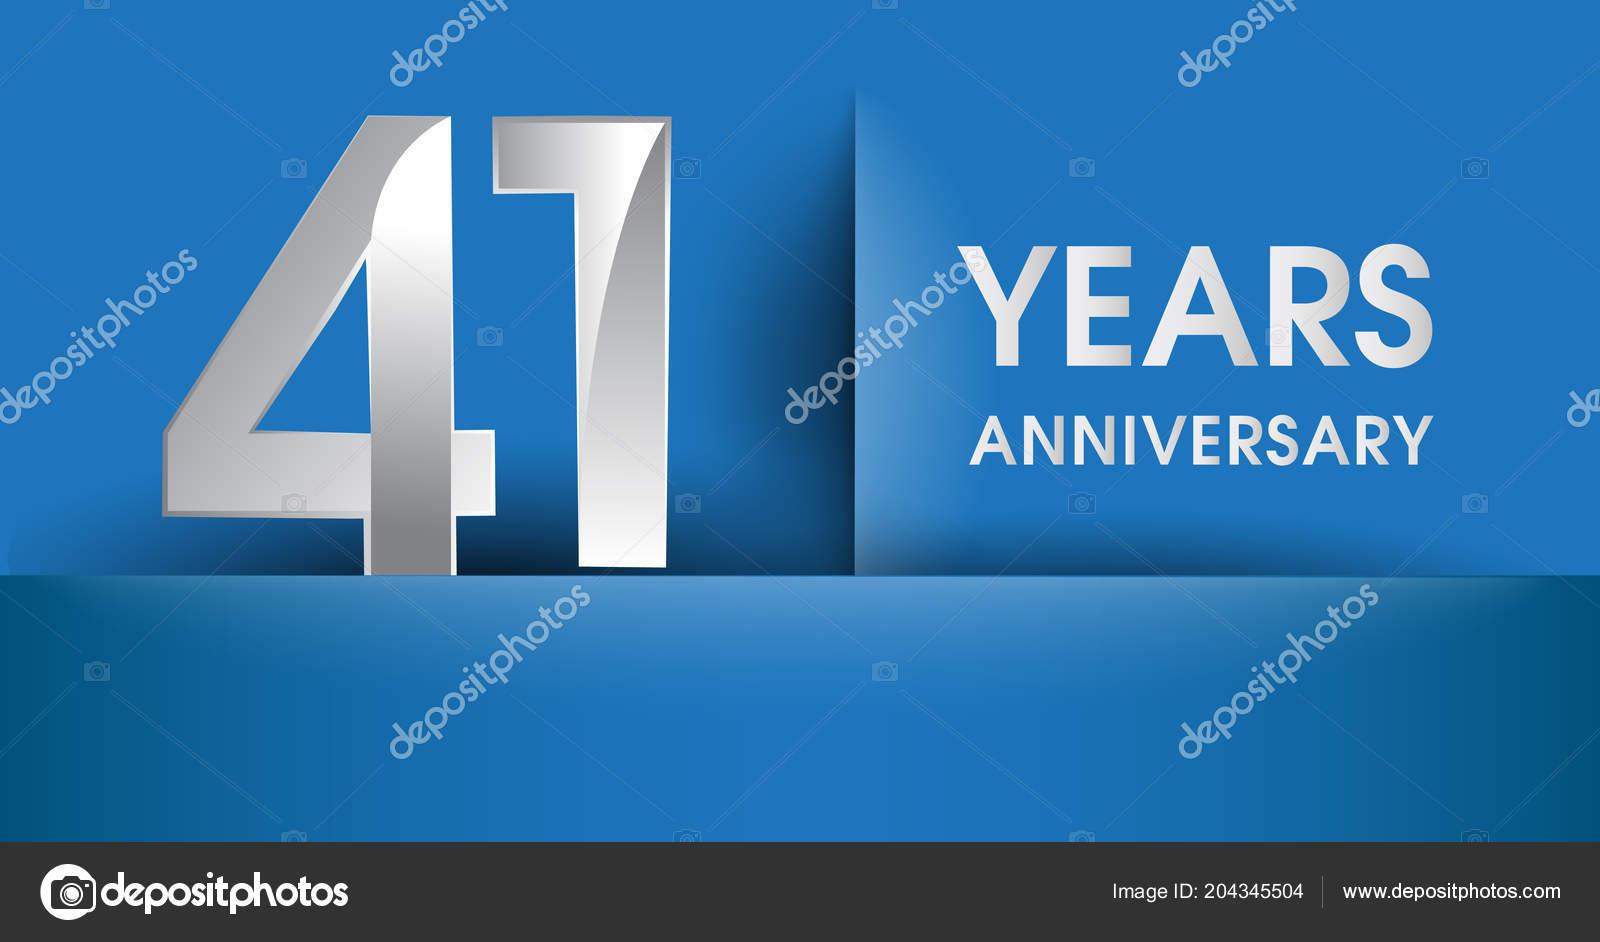 年周年記念ロゴ青ベクトル デザイン テンプレート要素あなたの誕生日